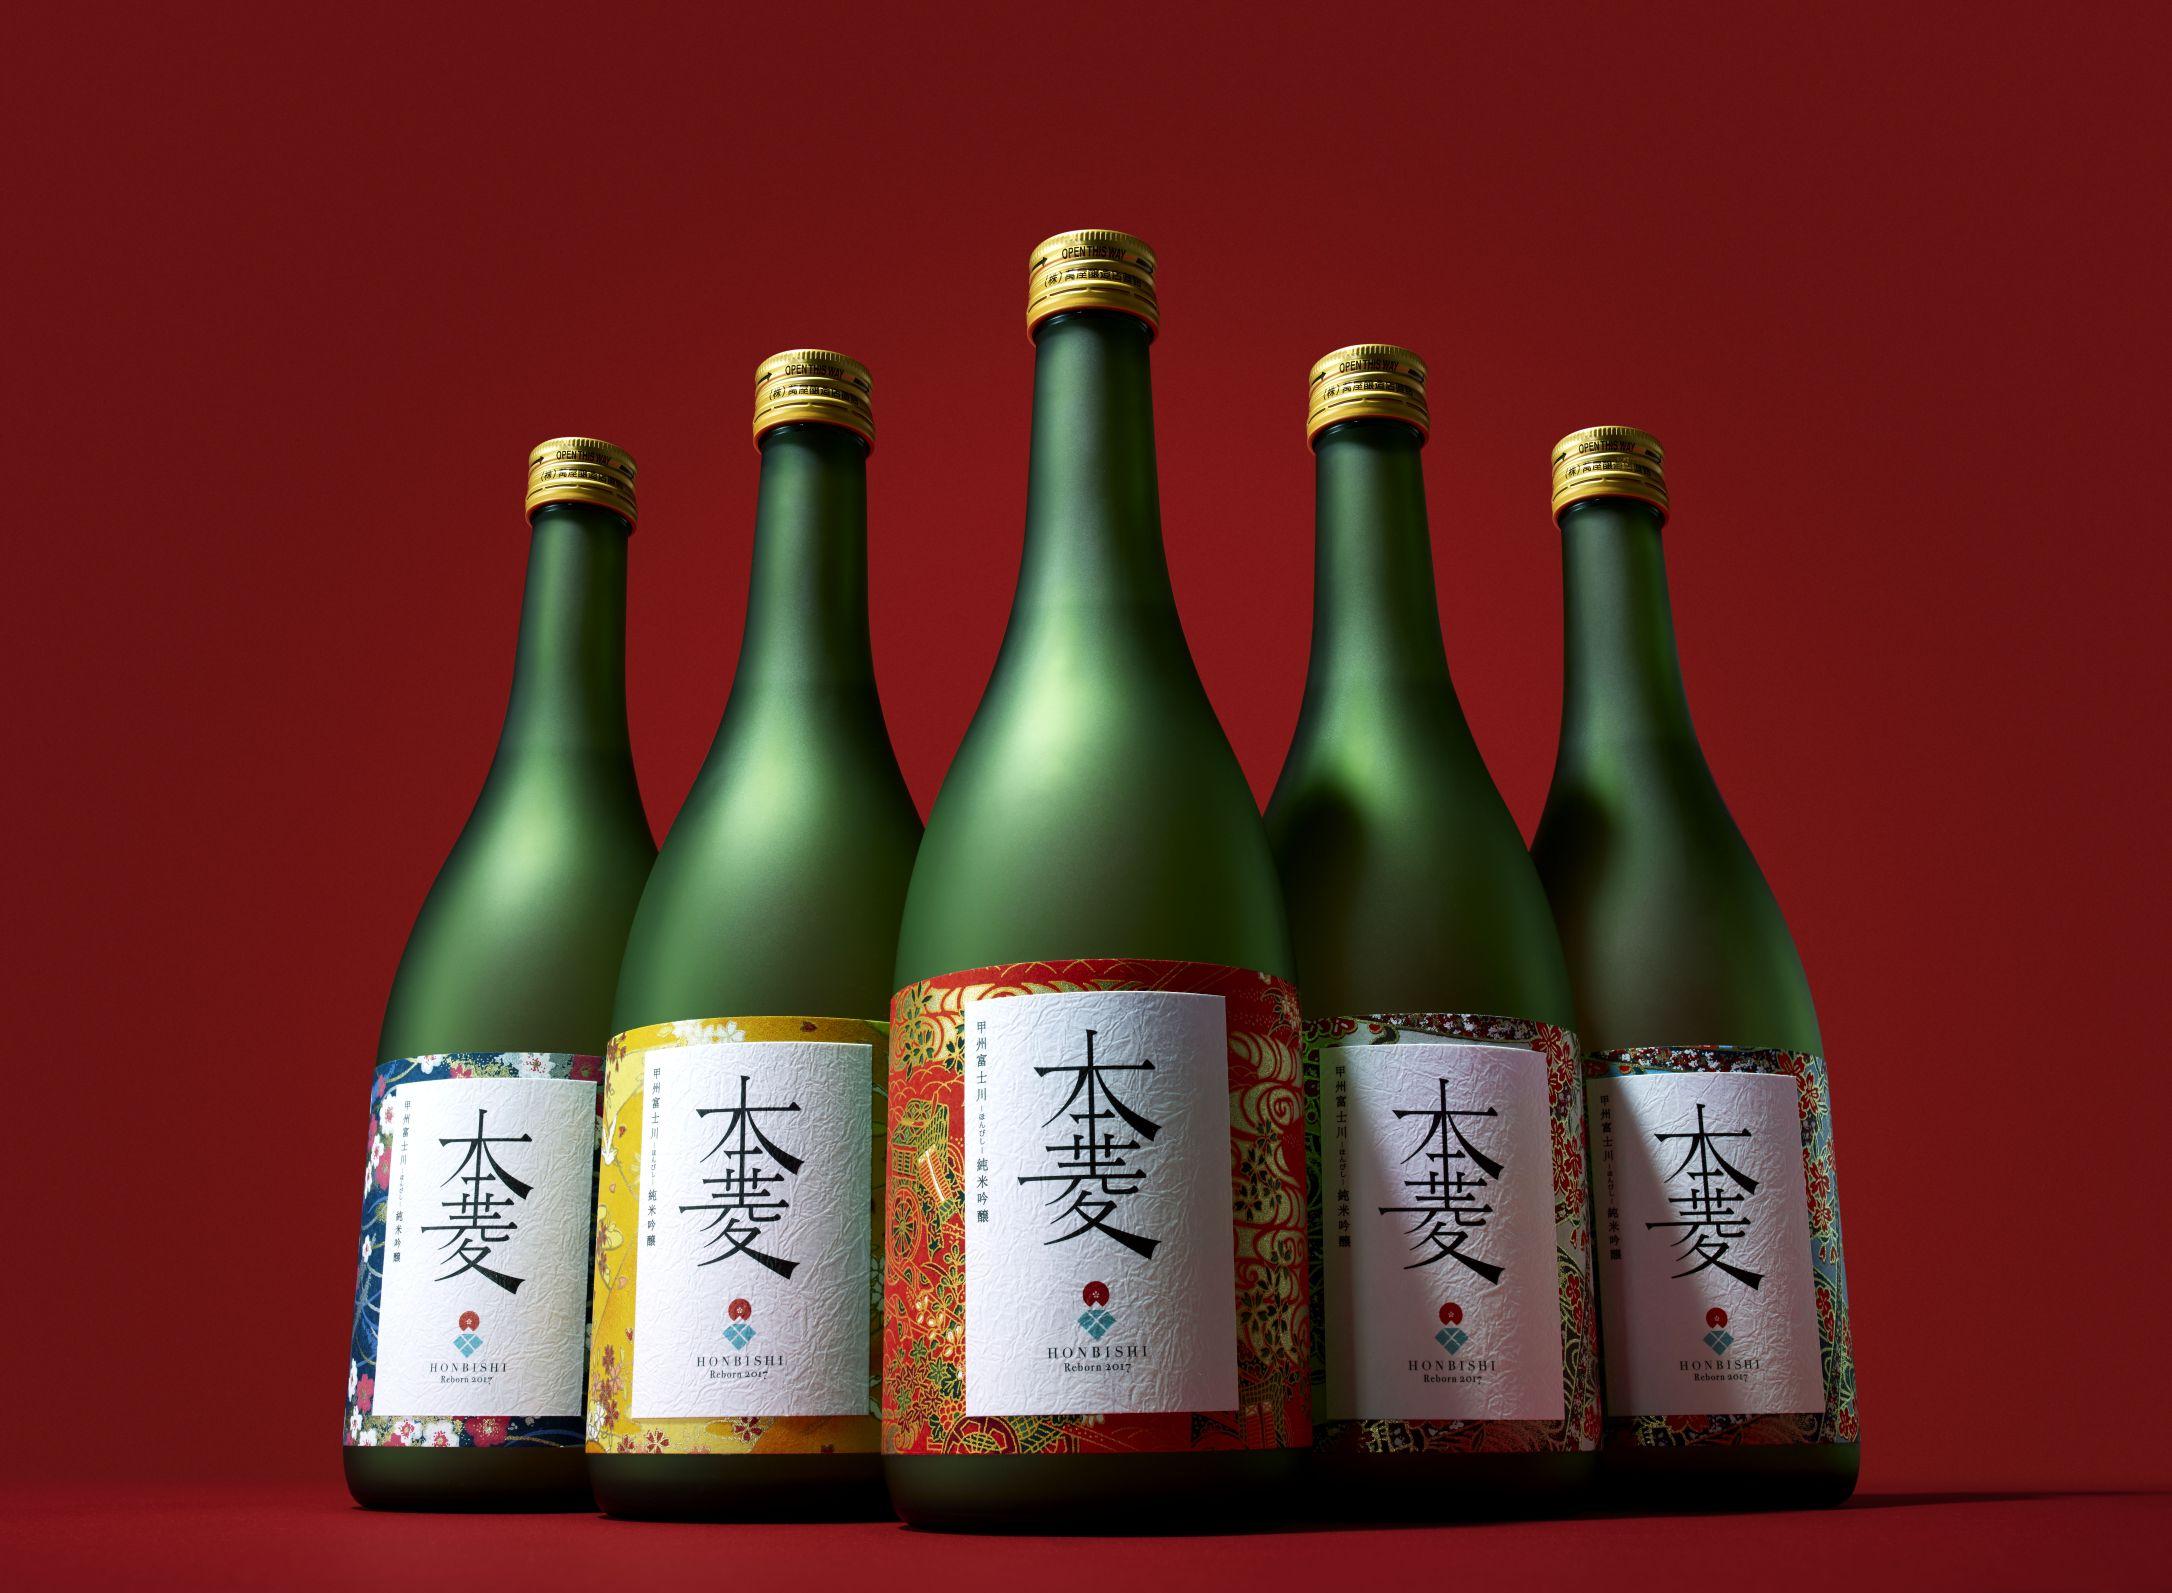 きっかけは実家の納屋で見つかった2つの刻印でした 120年前の幻の日本酒『本菱』がついに復活! 2月22日(水)より限定1,000本予約販売開始 町の新たな名産を創出し、永続的な雇用創出と地域活性を目指します